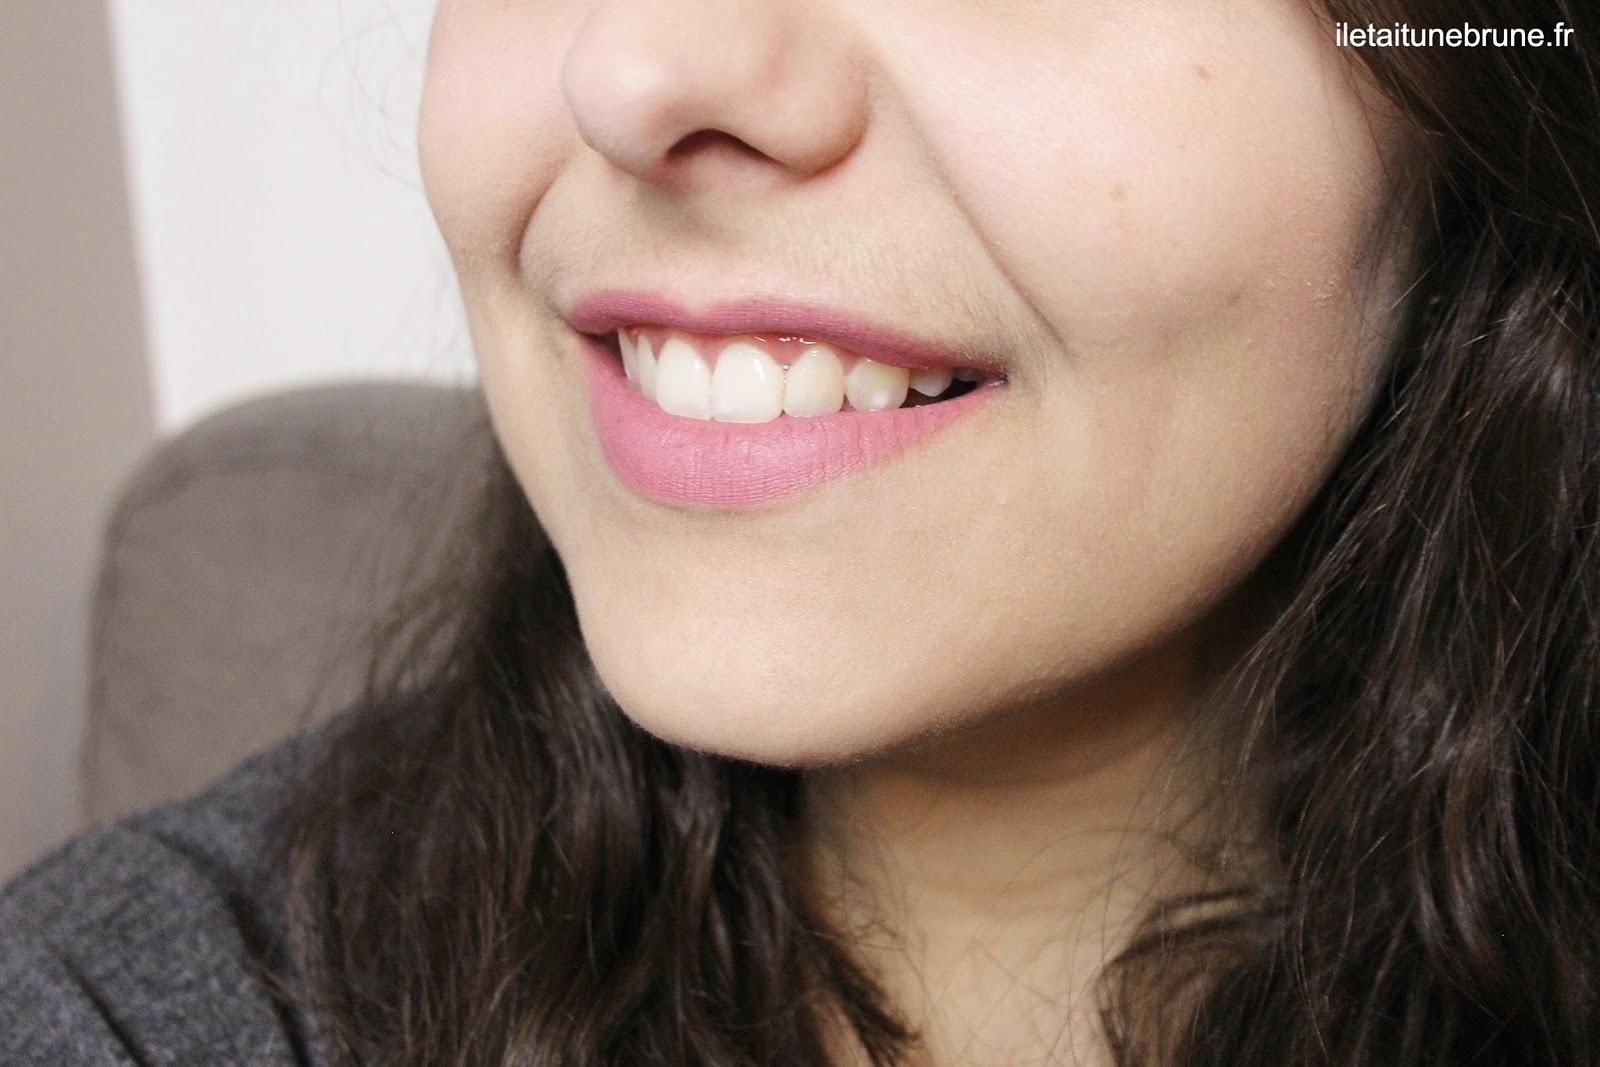 Rouge à lèvres kiko, velvet passion matte lipstick mauve